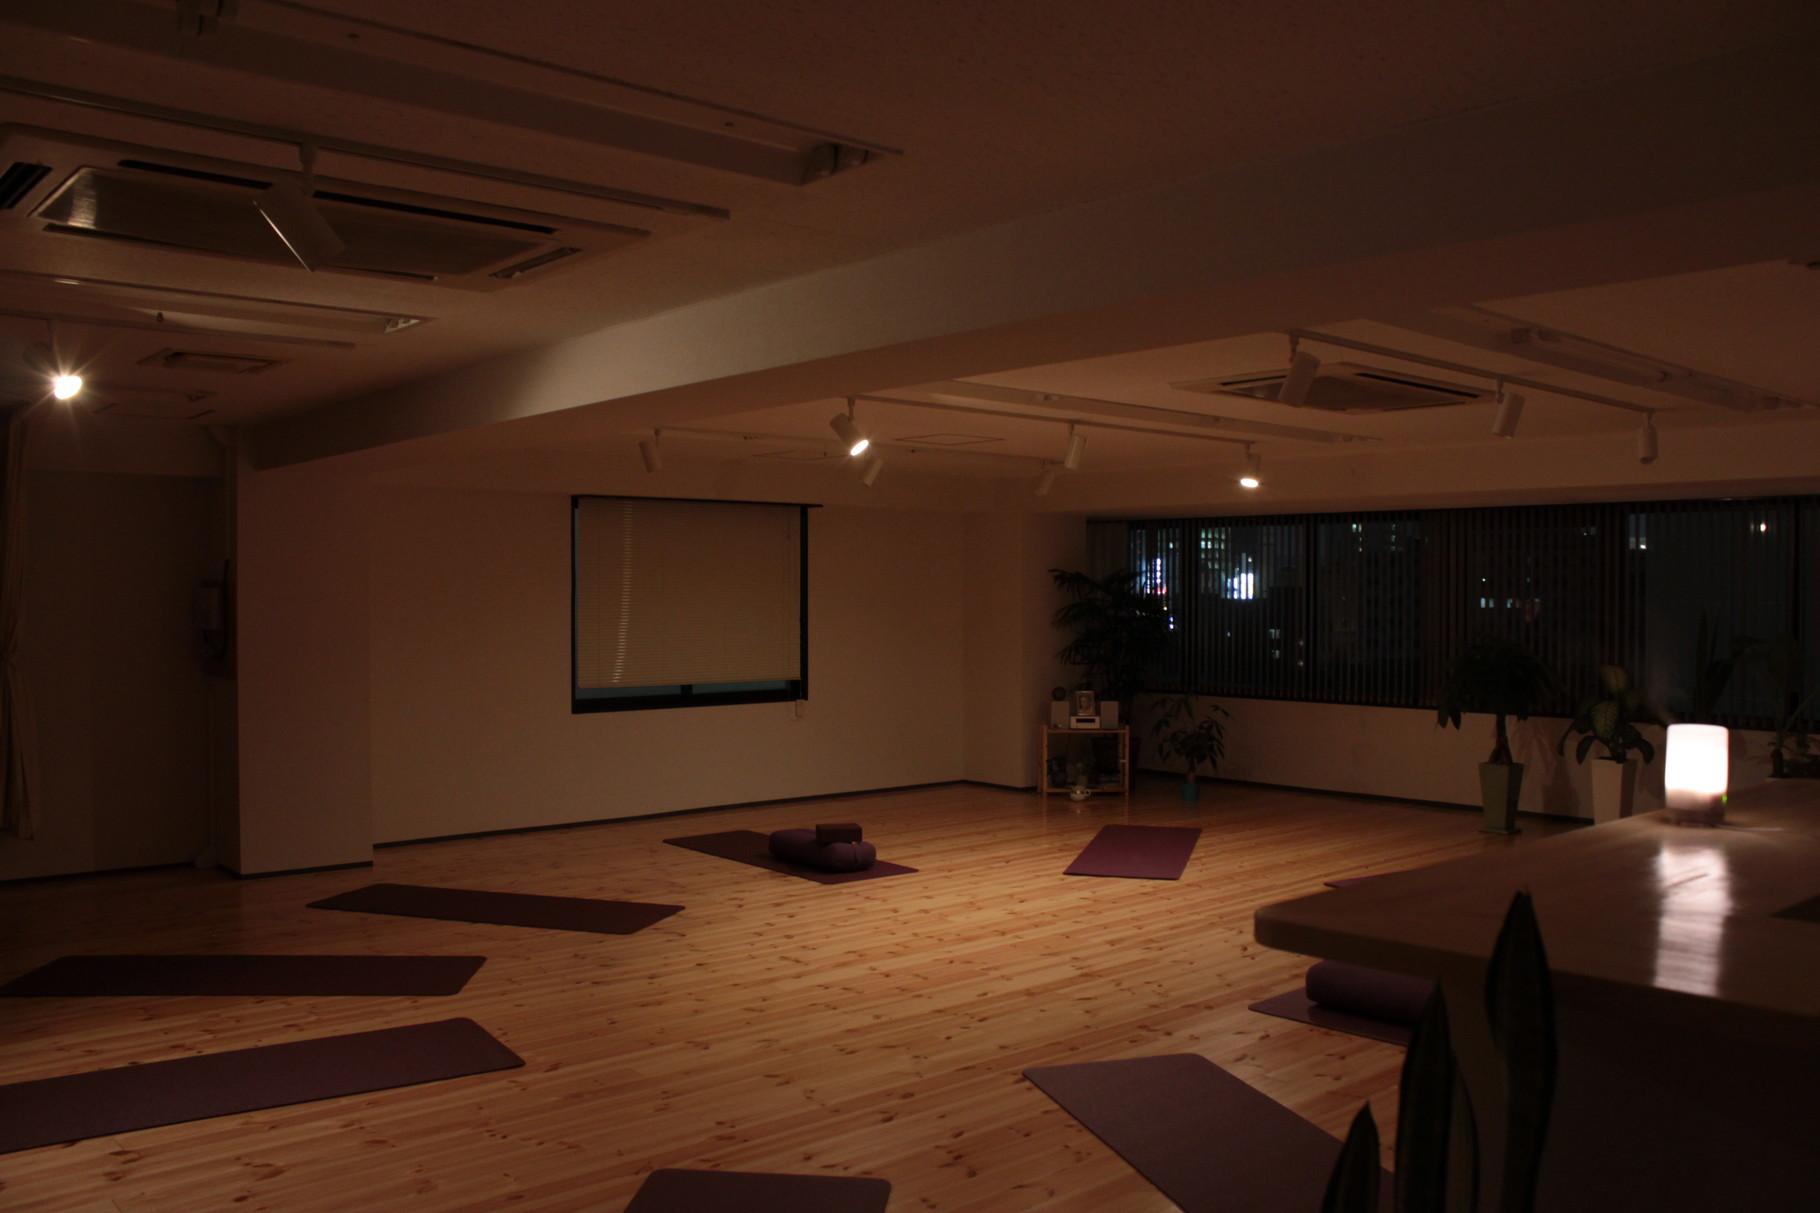 夜のクラスは照明をおとし、 日常の気持ちを少し落ち着かせ スタートします。